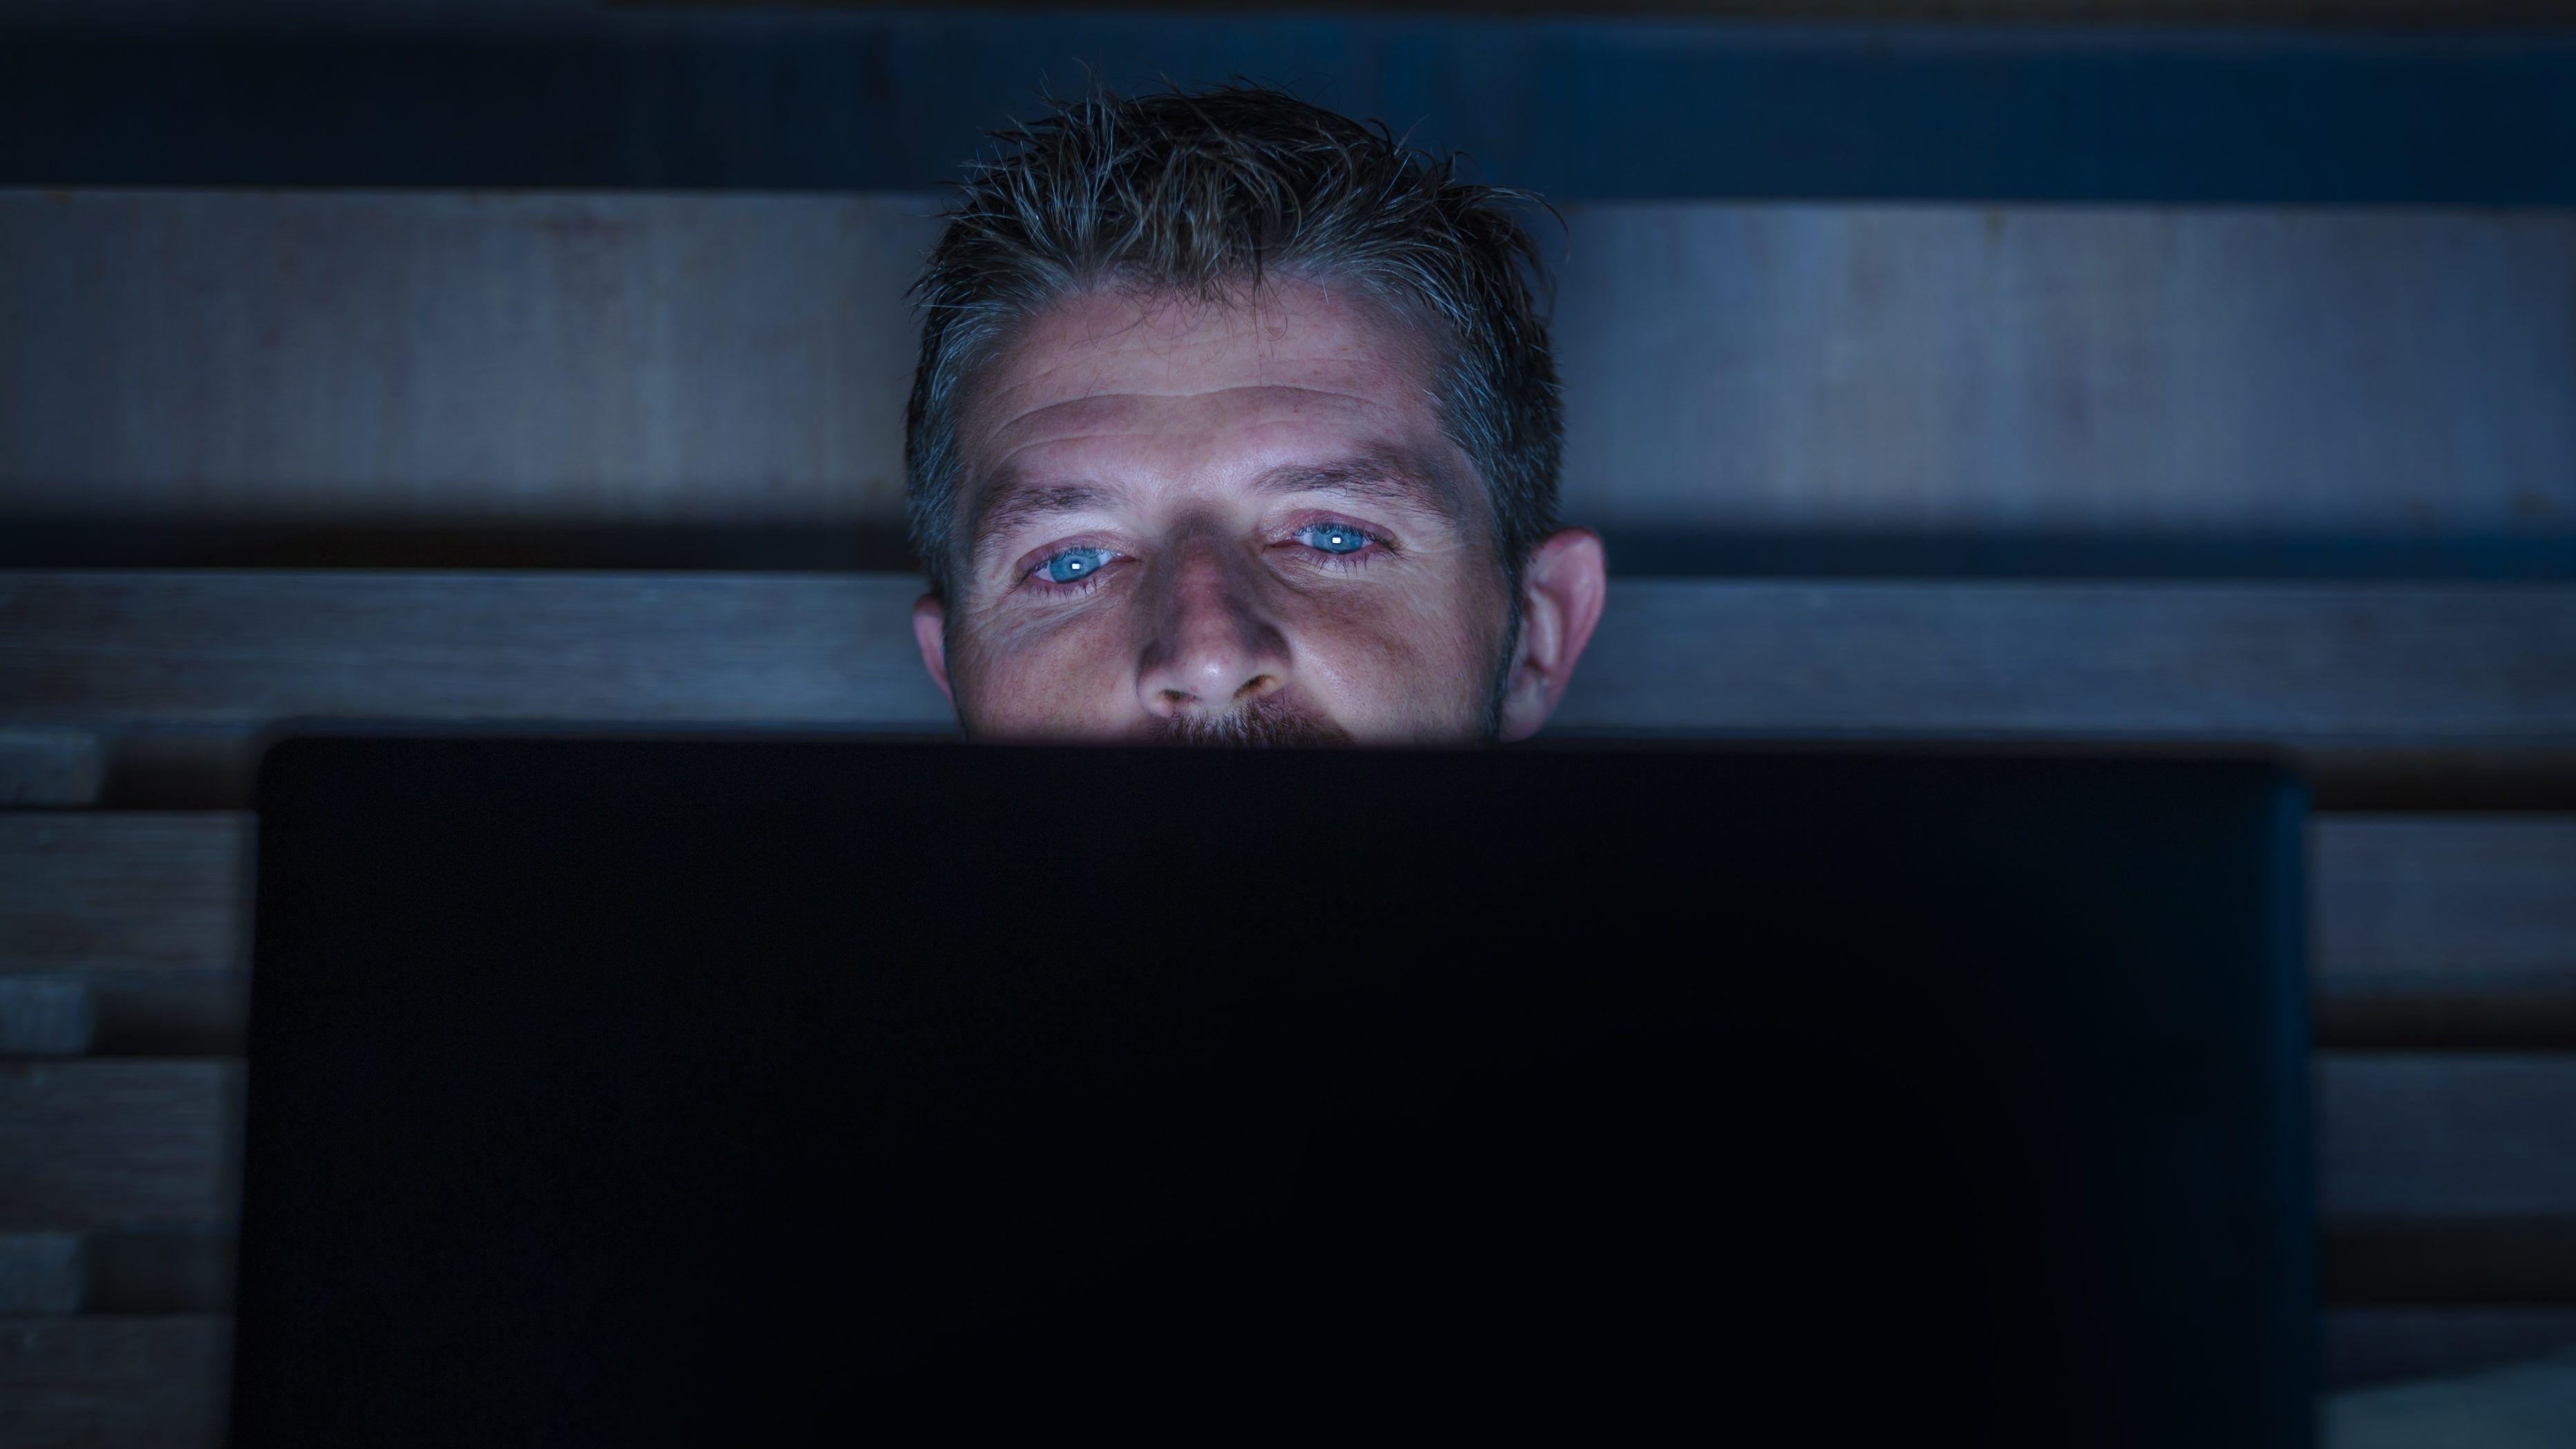 Legnépszerűbb meleg pornó oldalak